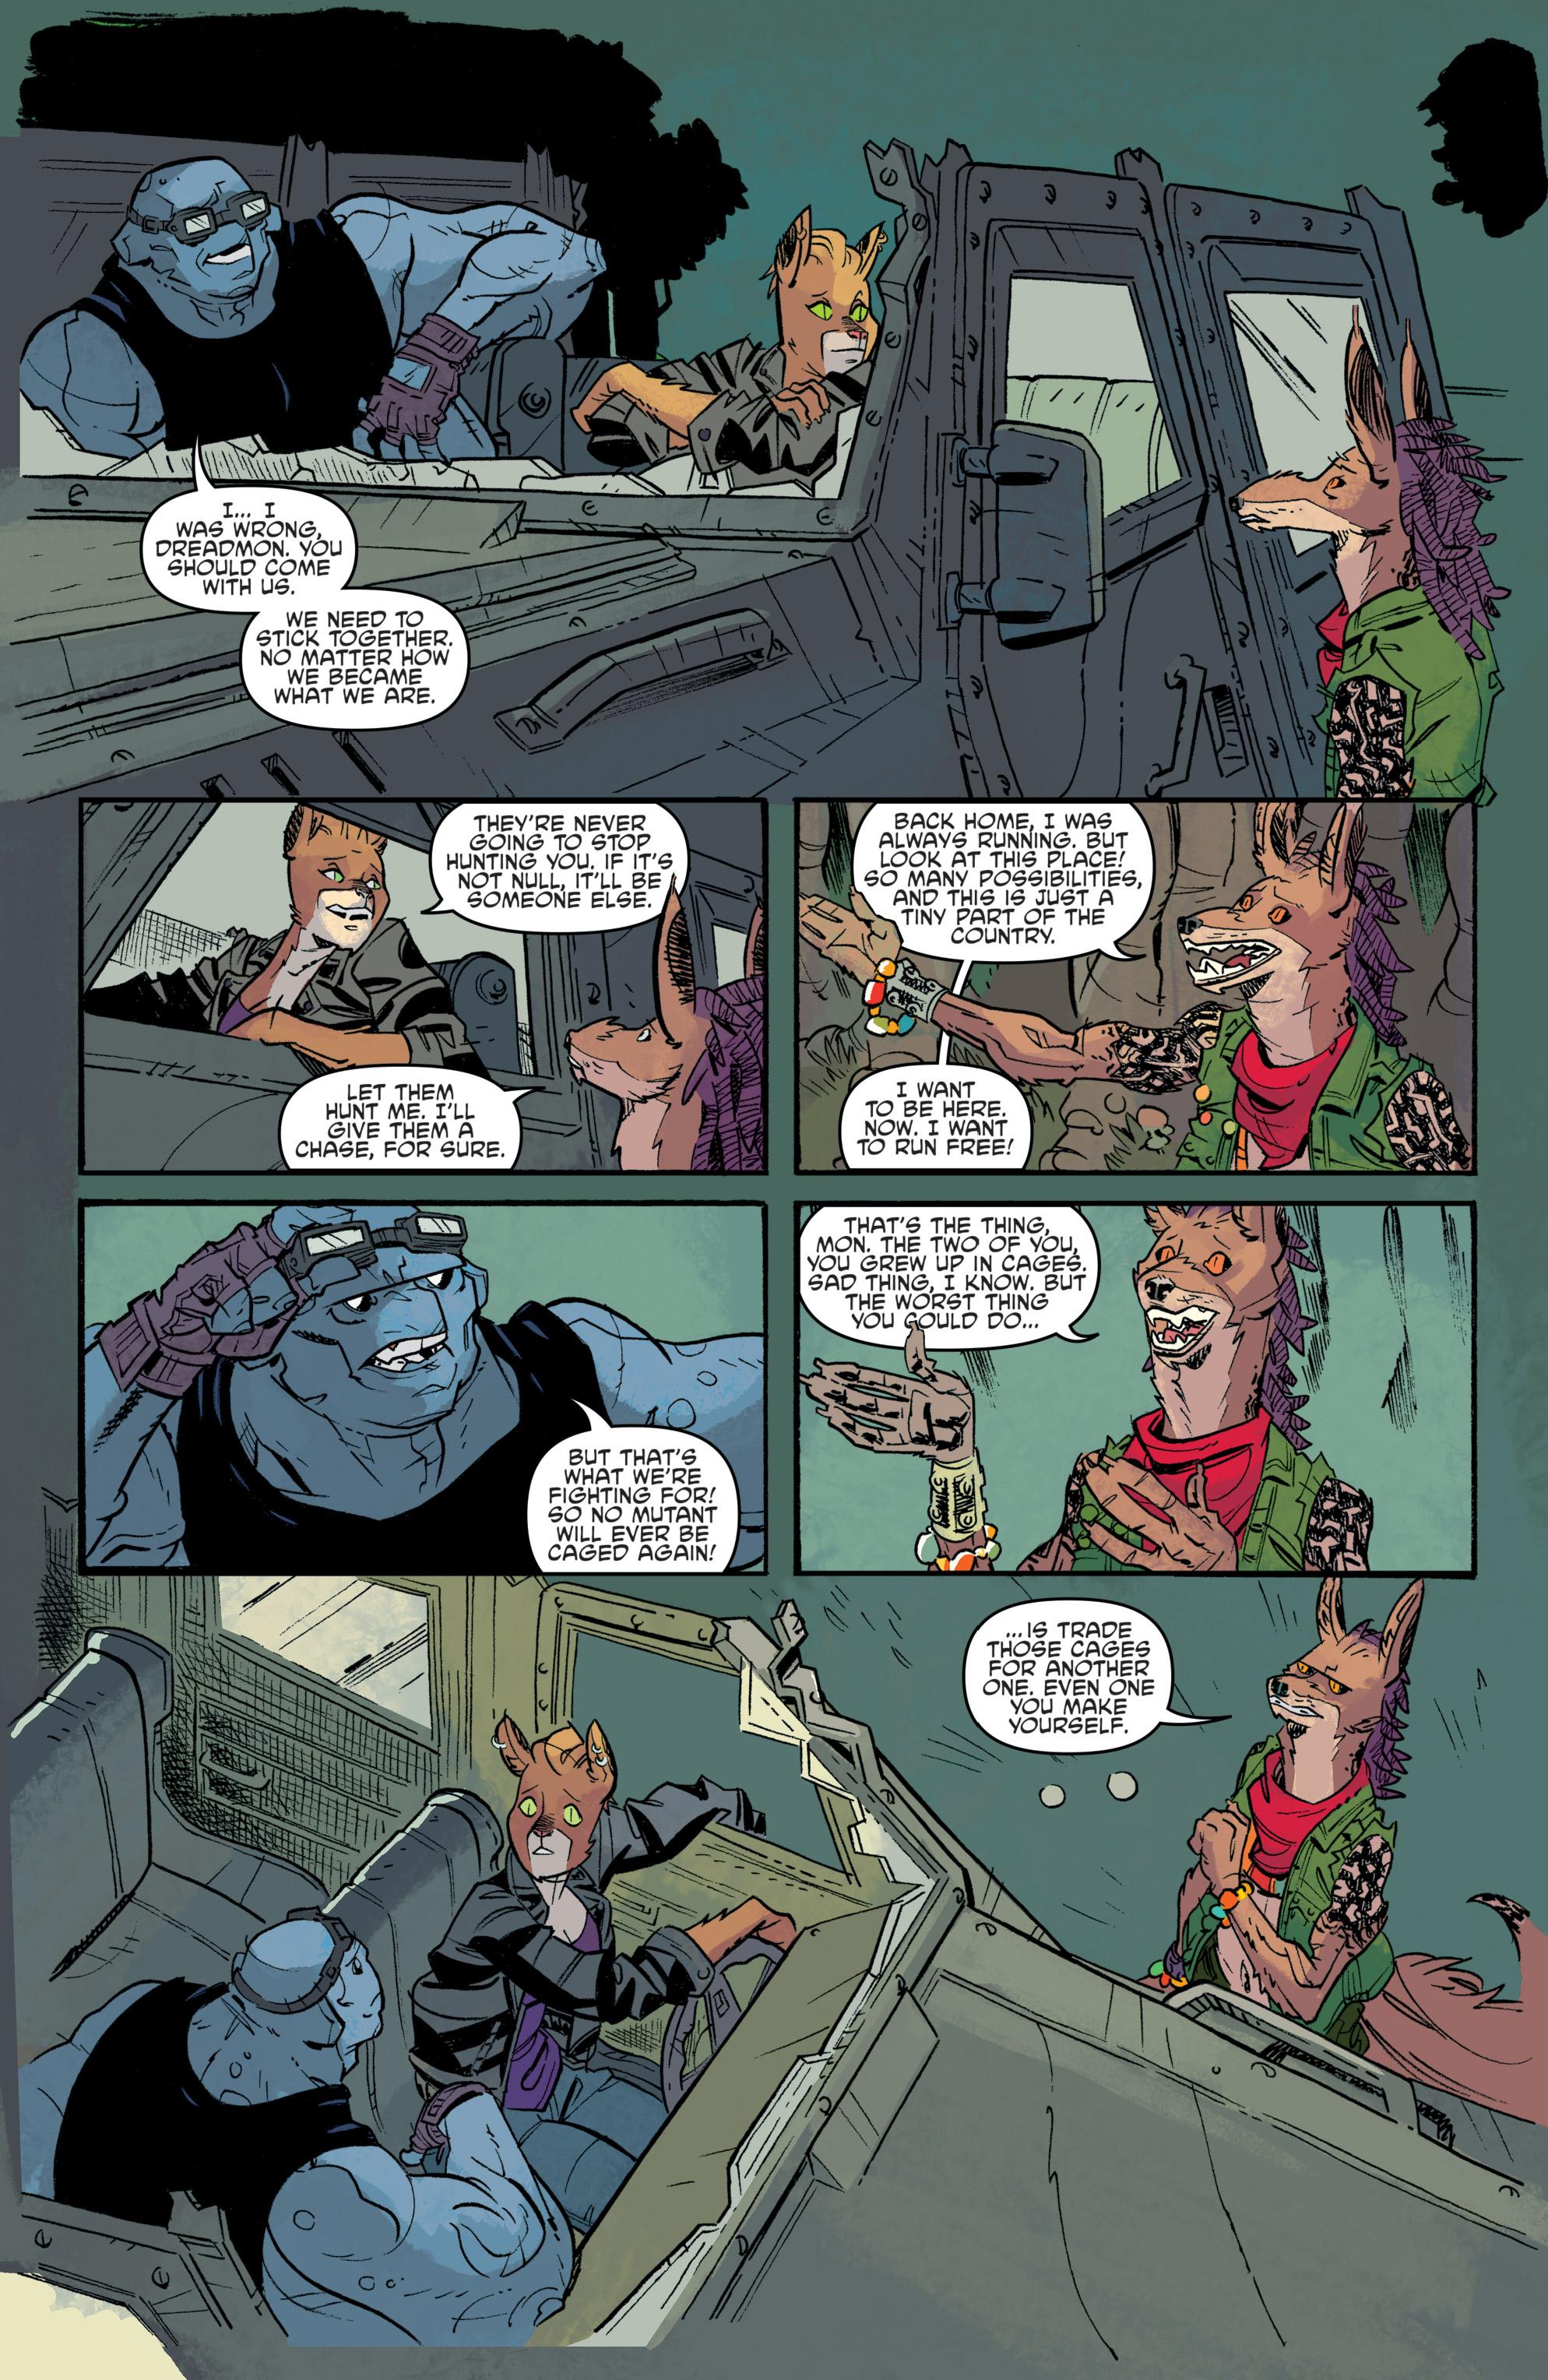 Read online Teenage Mutant Ninja Turtles Universe comic -  Issue #11 - 25